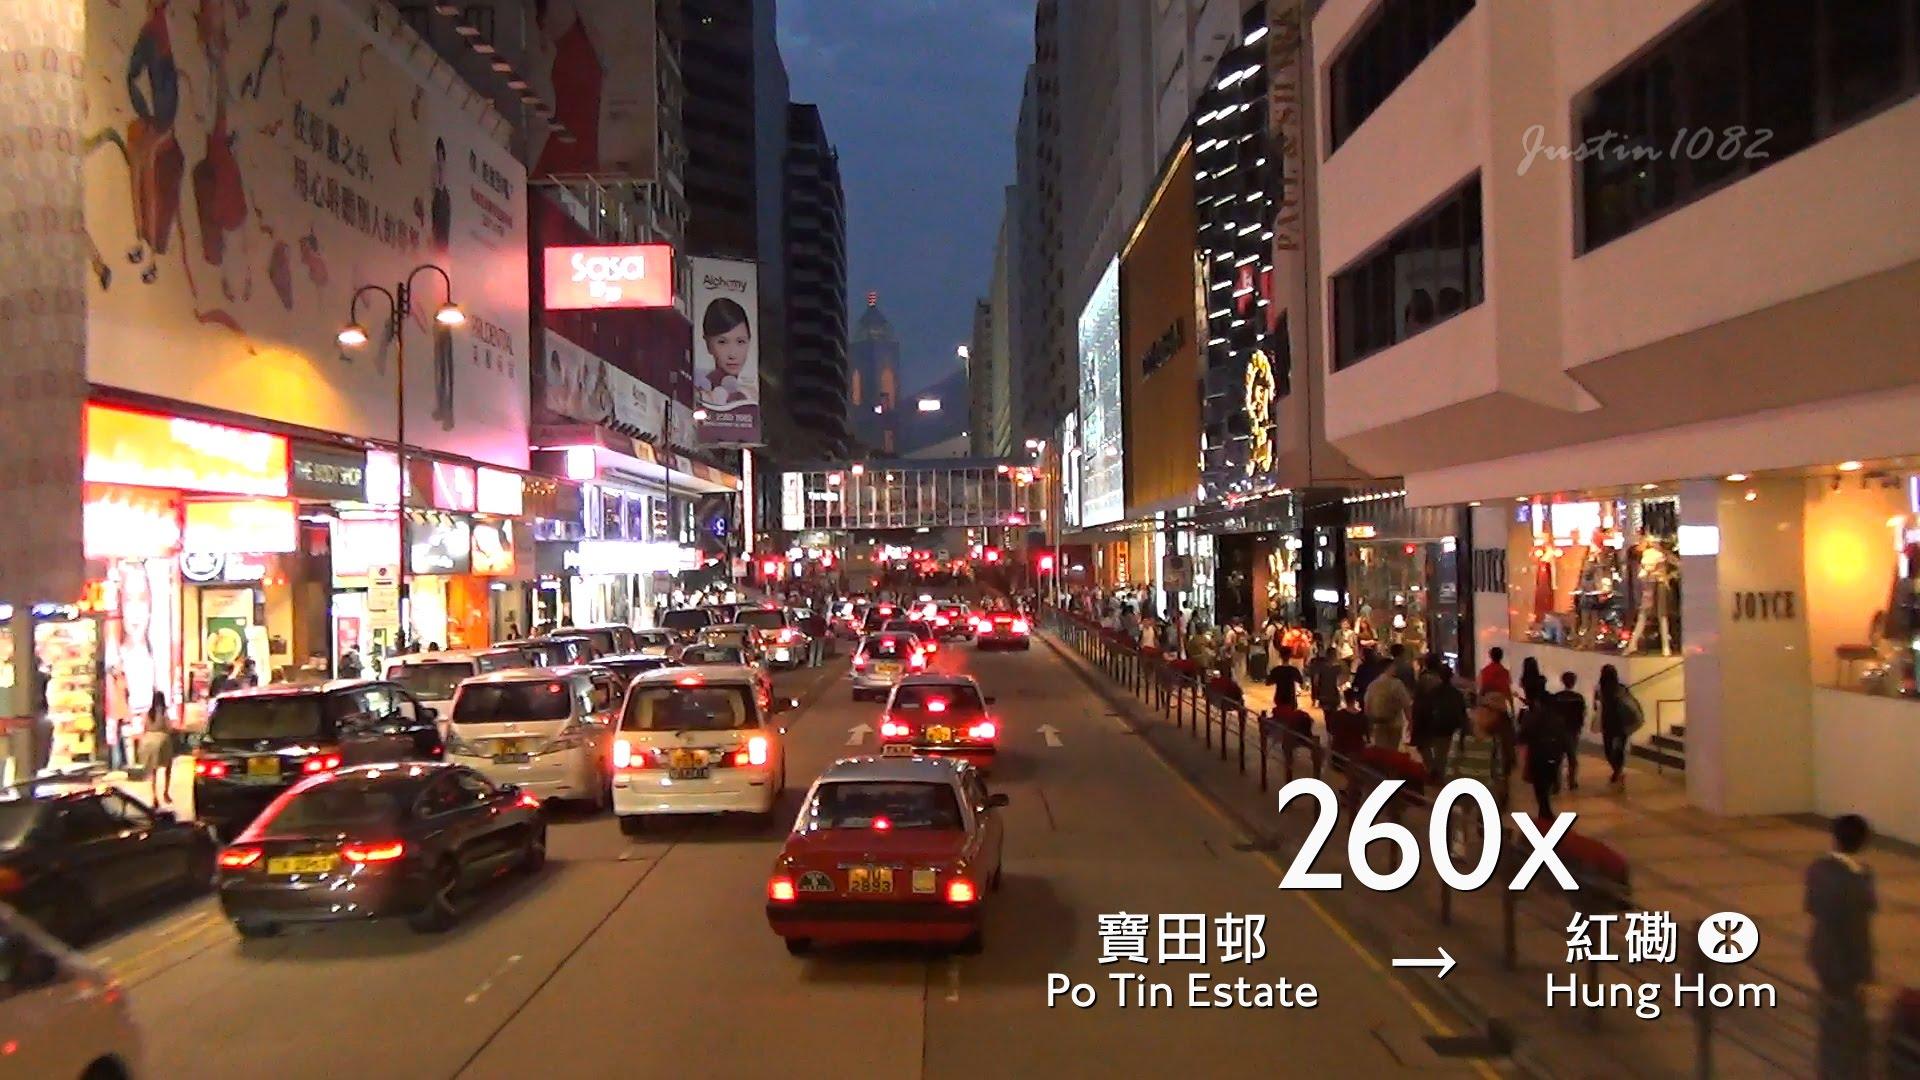 [Hong Kong Bus Ride] 九巴 AVBWU315 @ 260X 屯門(寶田邨) – 紅磡站 [全程行車影片]